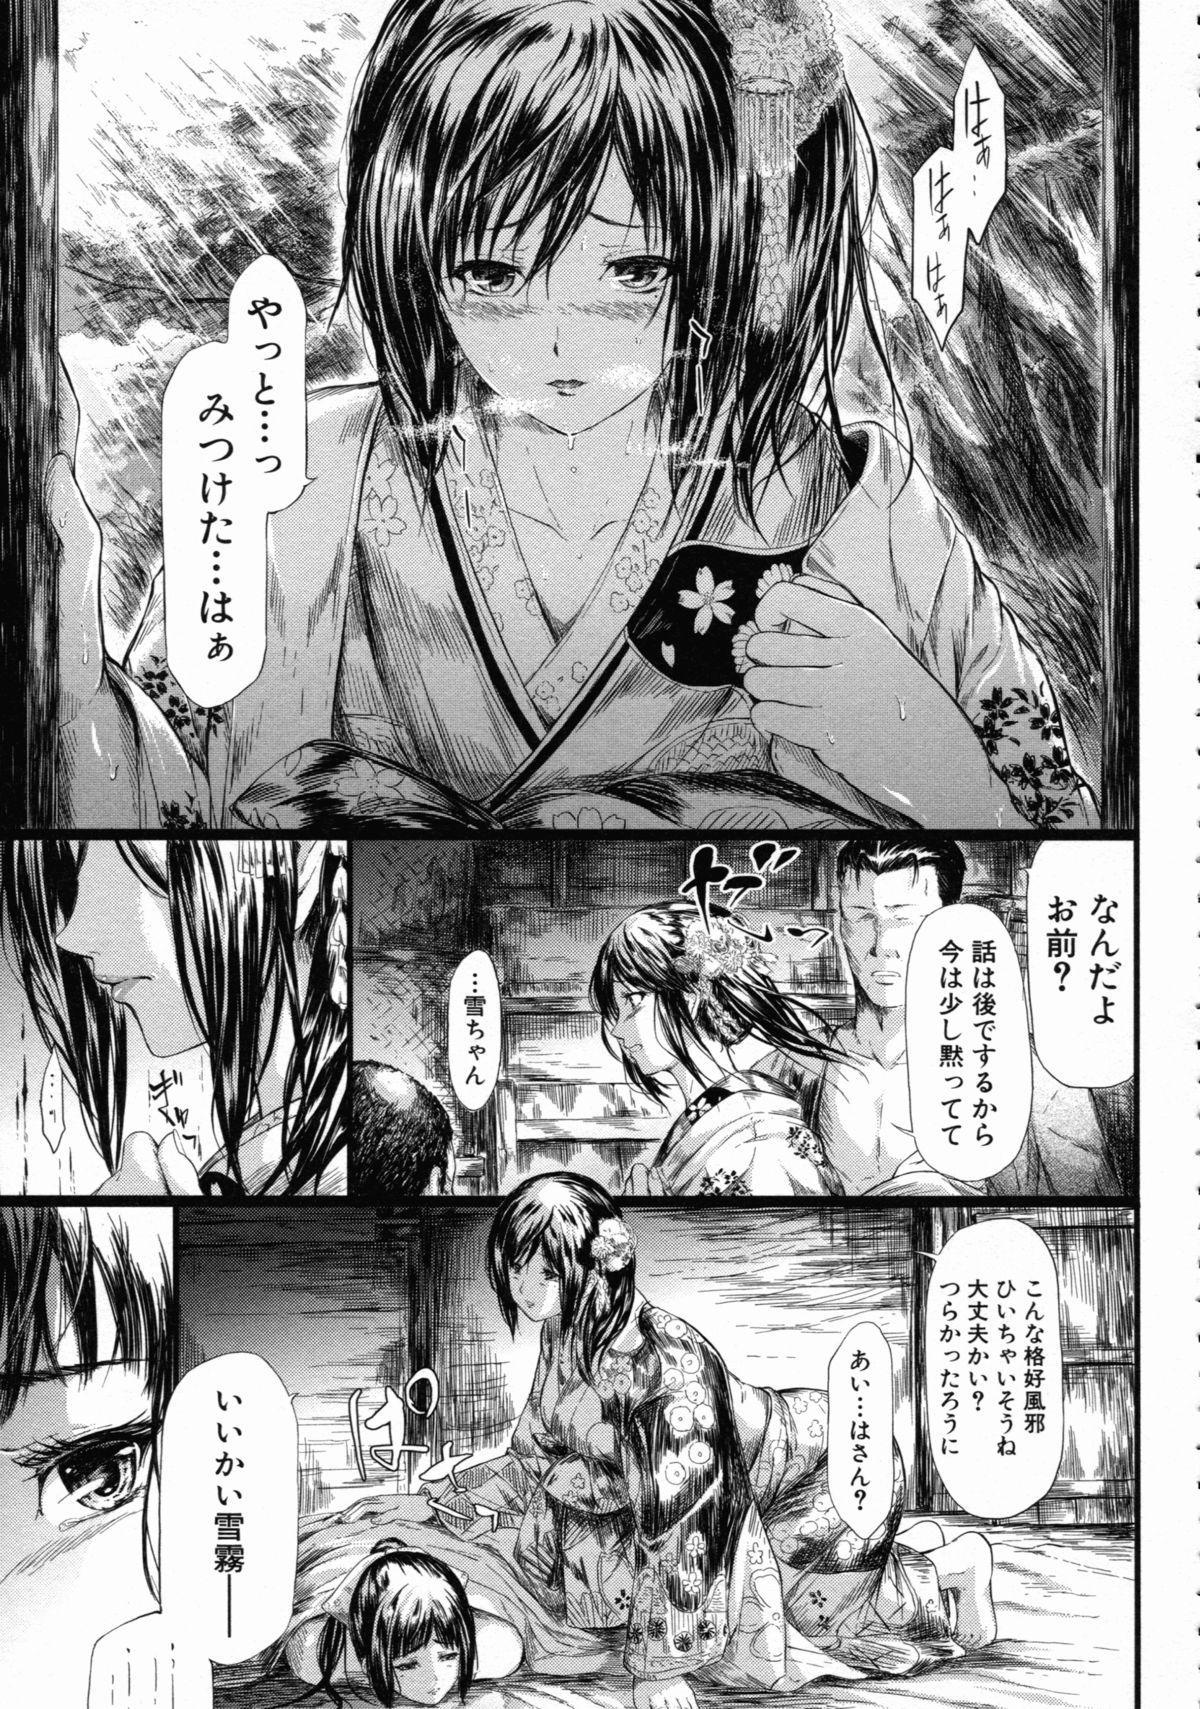 [Shiki Takuto] Tokoharu no Shoujo-tachi - The Girls in the Eternal Spring 141